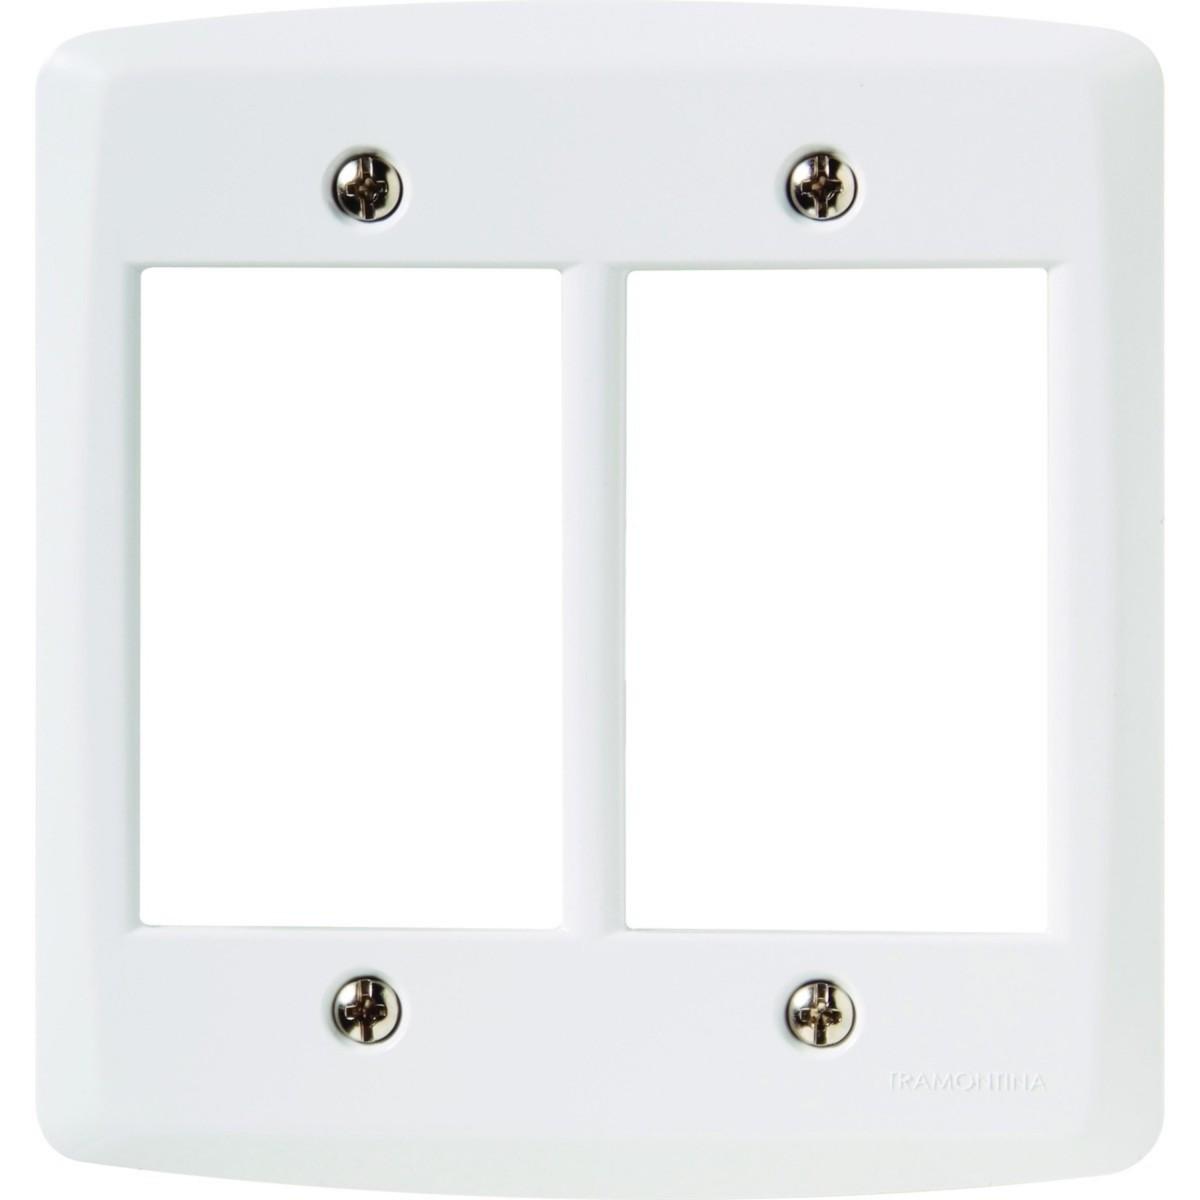 Elétrica Placa 6 Postos 4x4 Tramontina